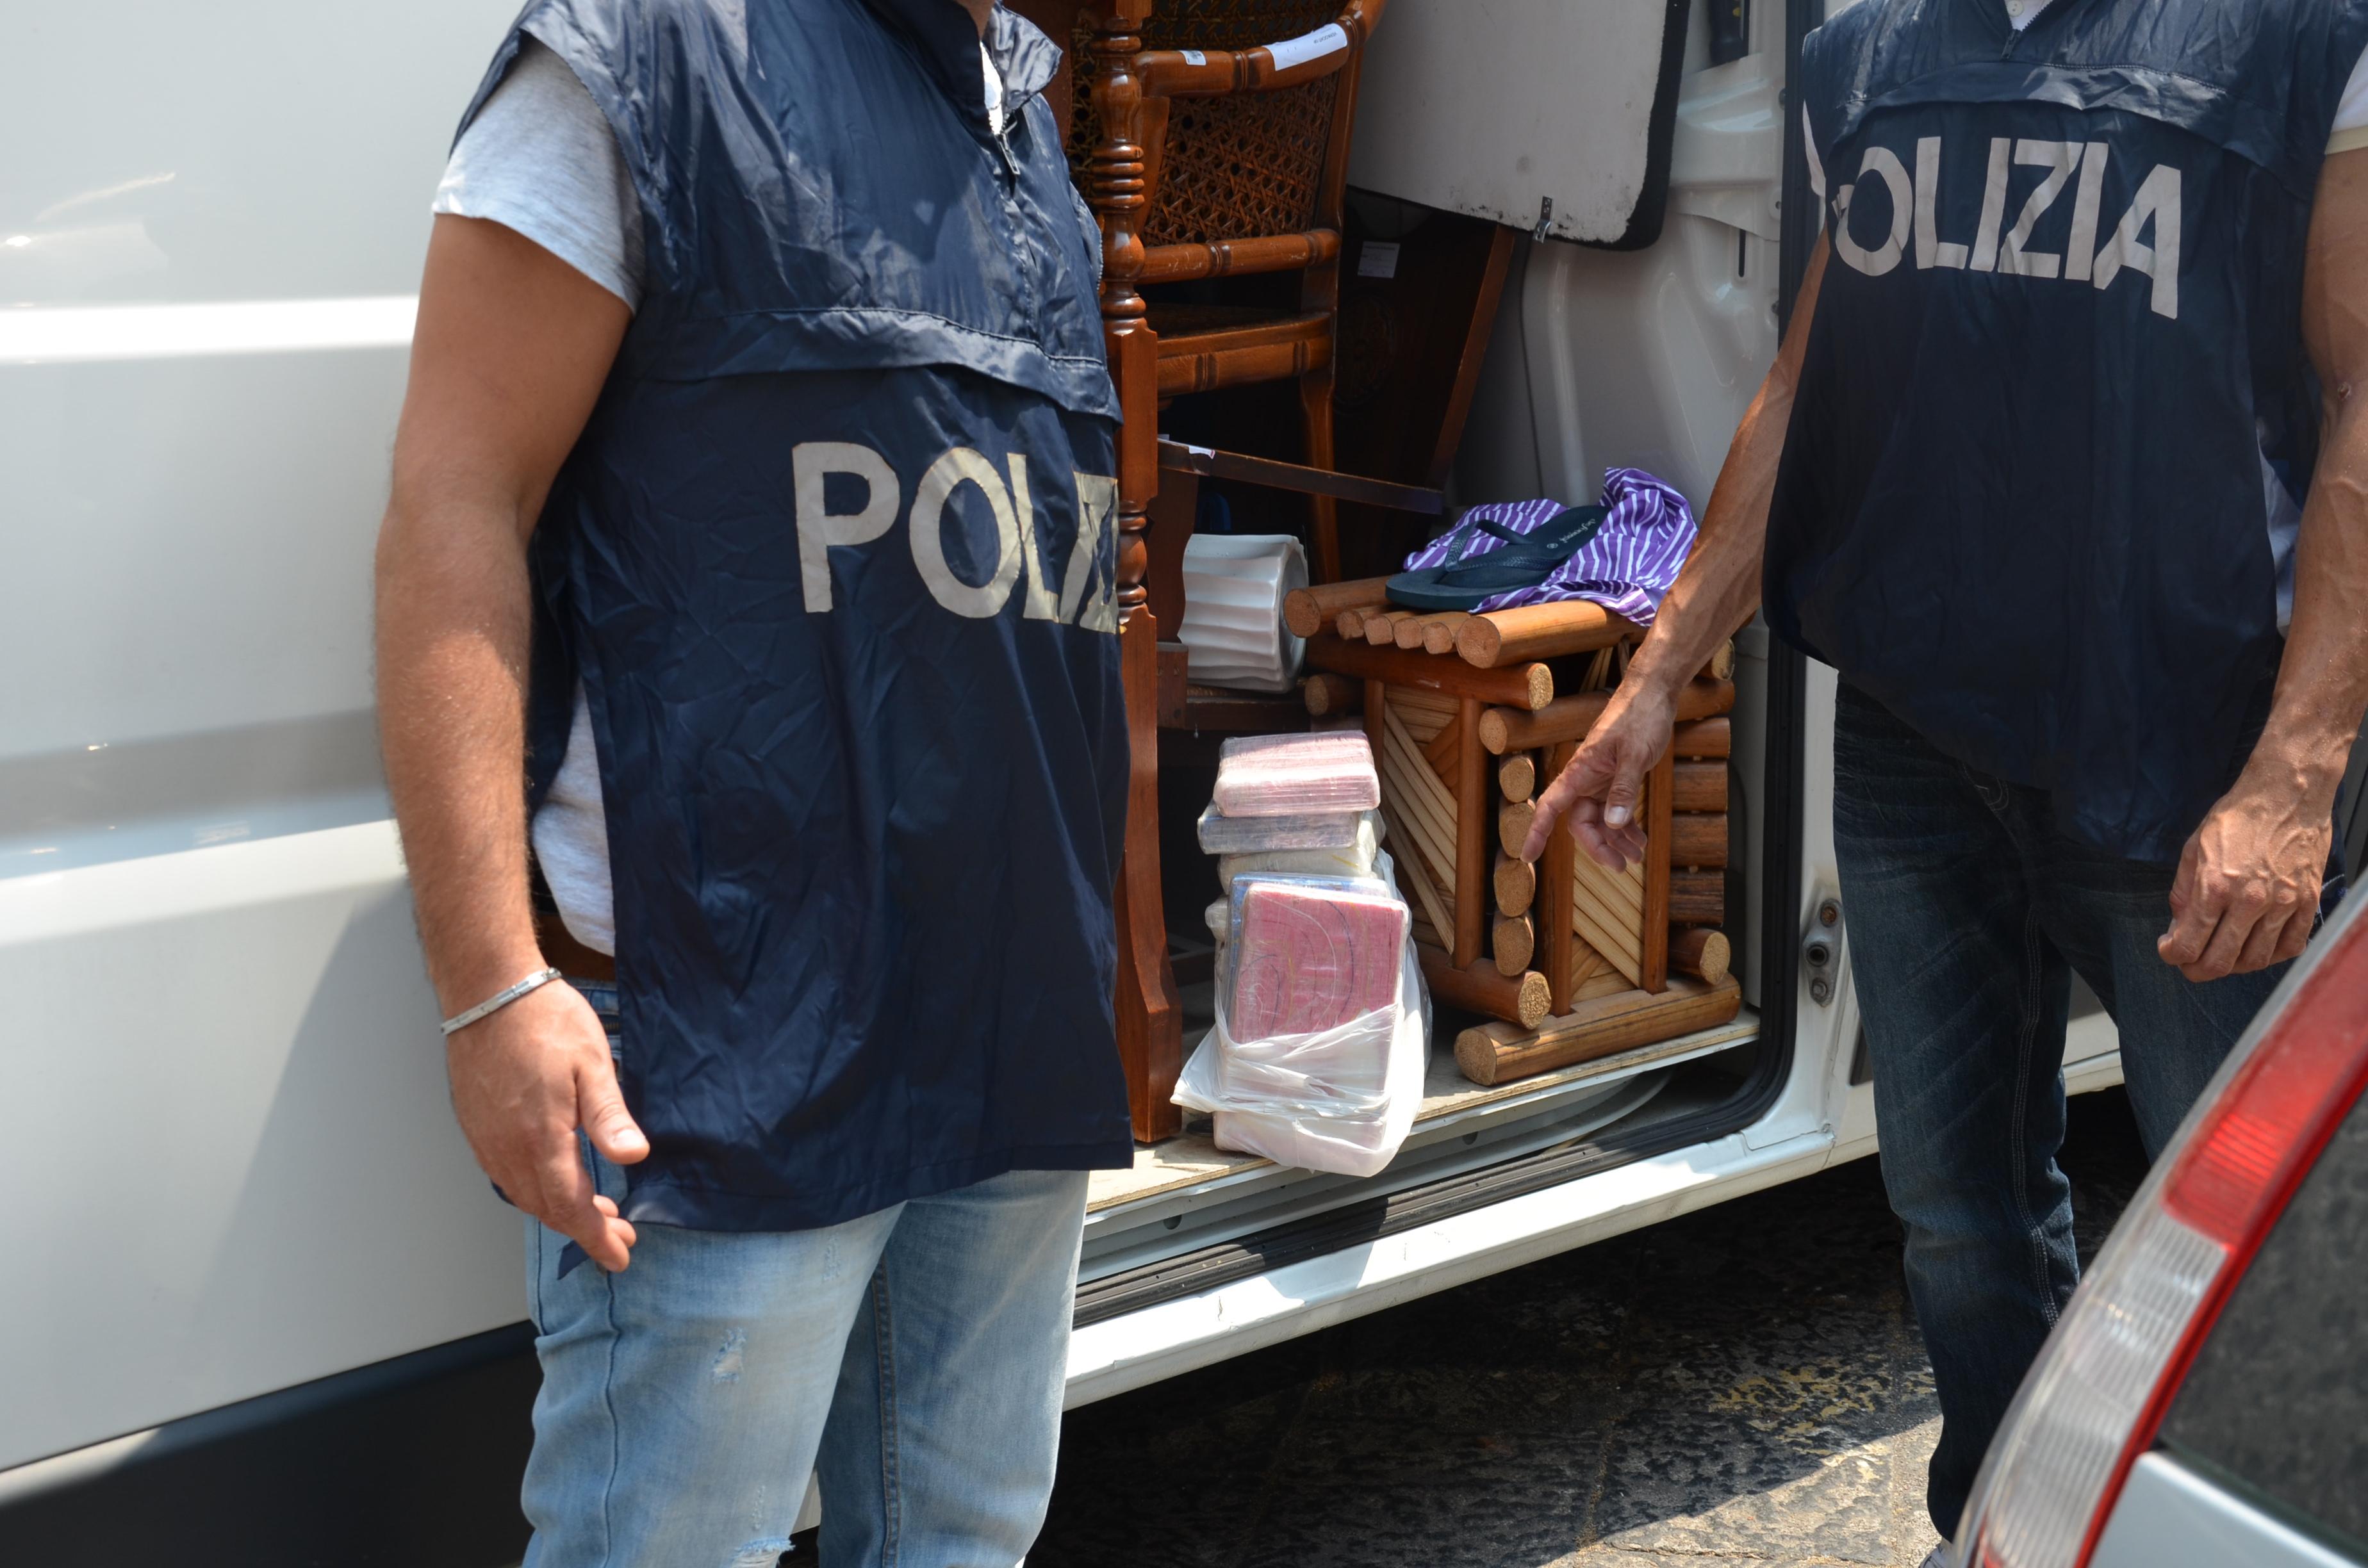 Nel furgone nascondeva 11 chili di cocaina: arrestato cinquantenne sulla tangenziale di Catania GUARDA IL VIDEO